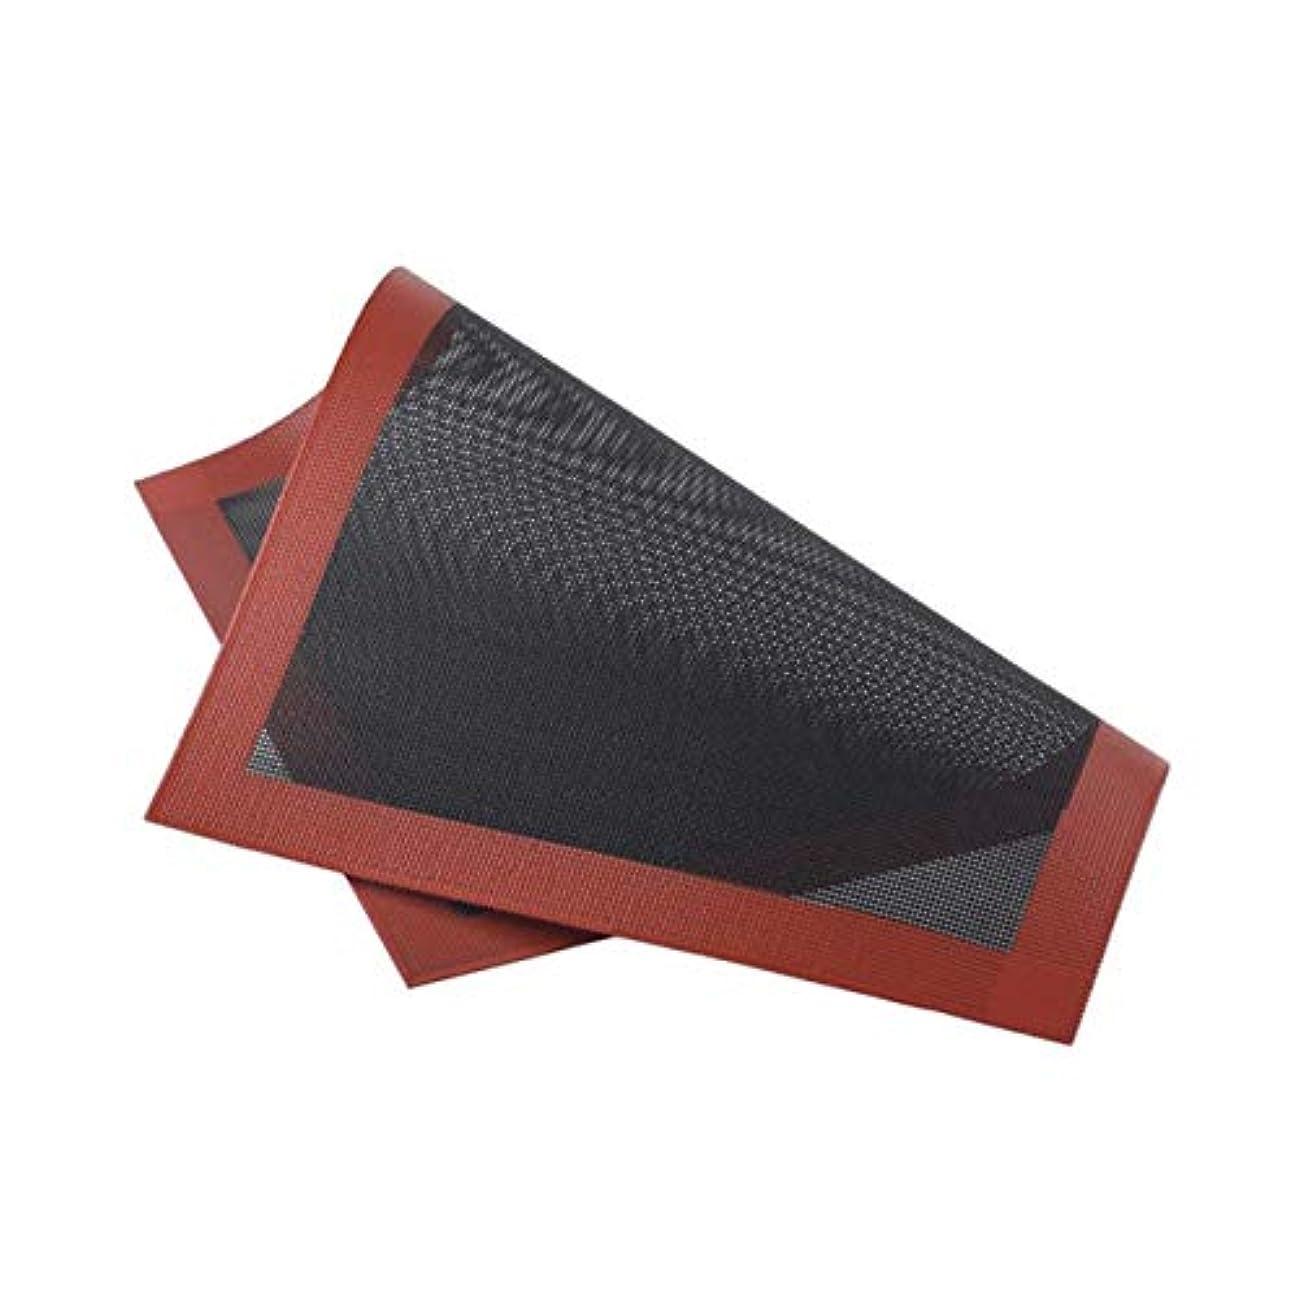 わがままどっち推測するSaikogoods クッキーパンビスケットのための実用的なデザインホームキッチンベーキングツールのシリコンベーキングマットノンスティックベーキングオーブンシートライナー 黒と赤 直角